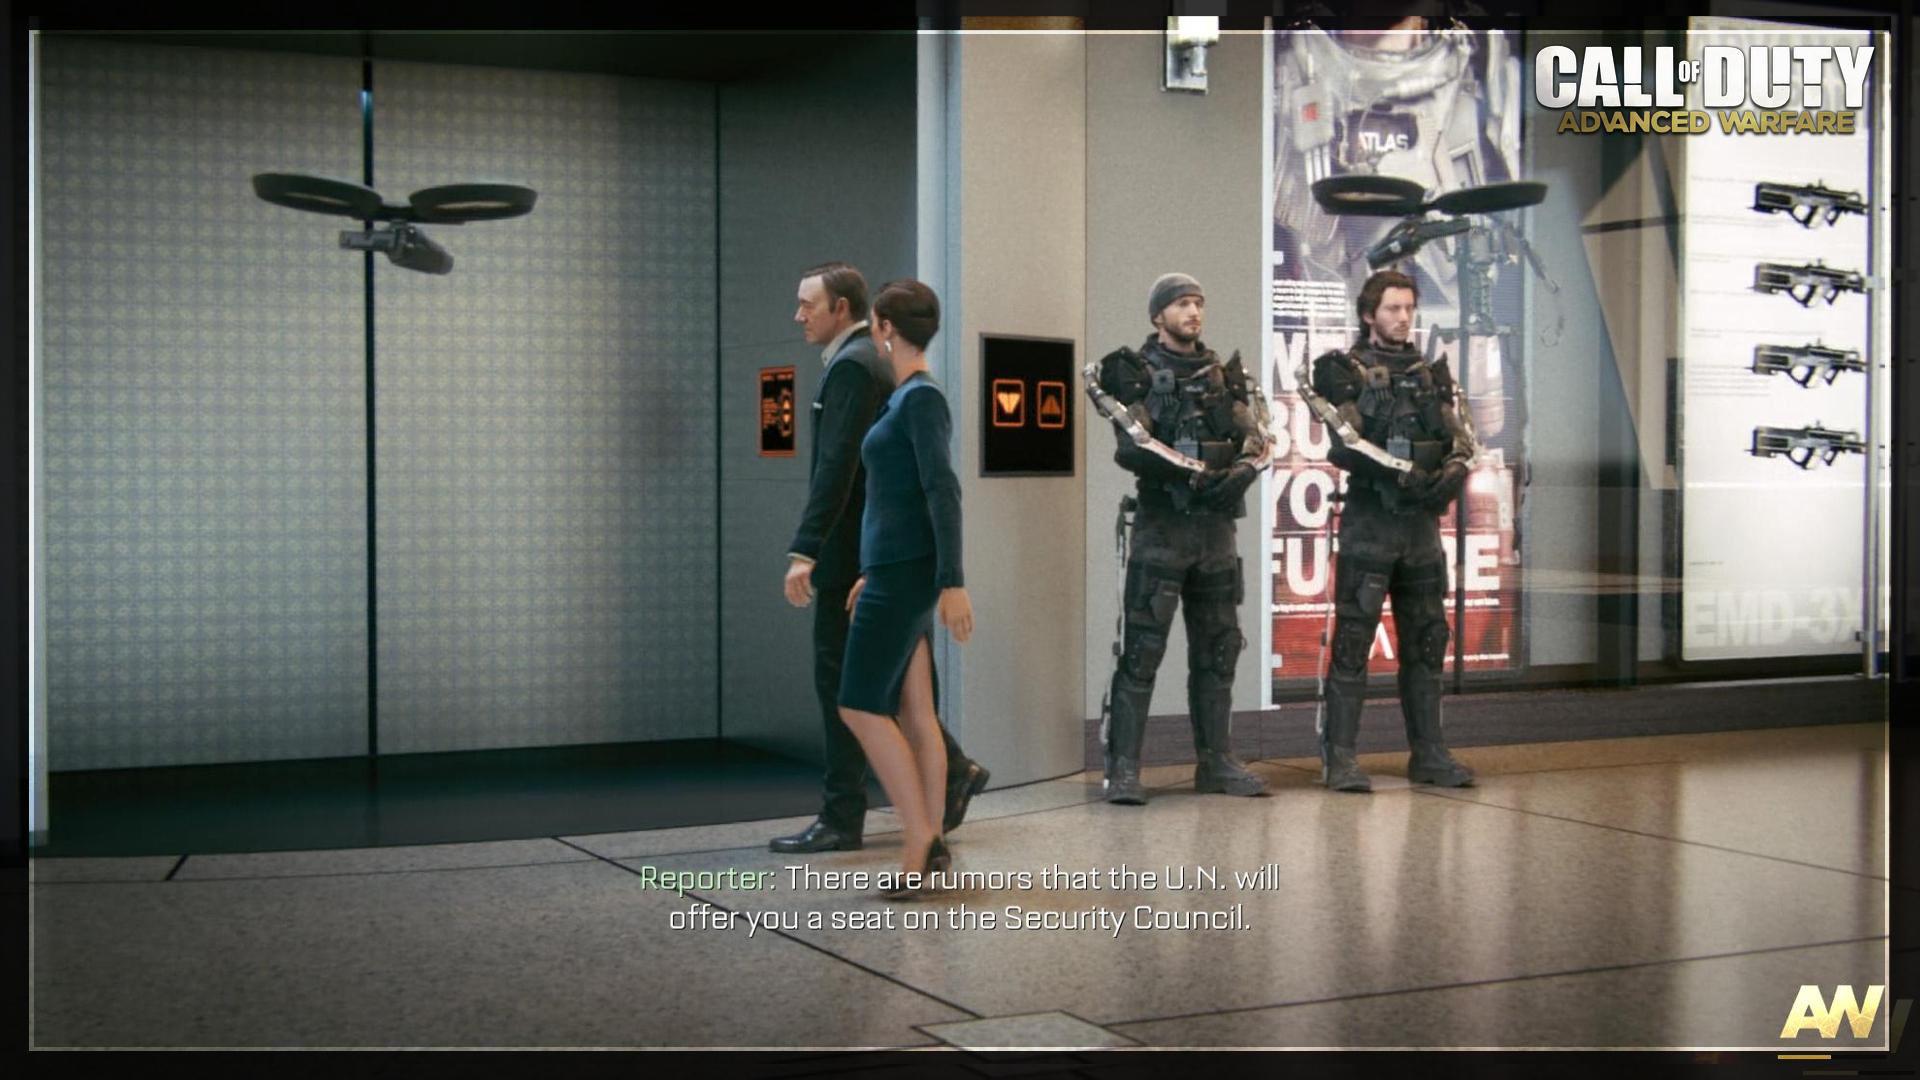 Call of Duty Advanced Warfare Utopia Mission Röportaj